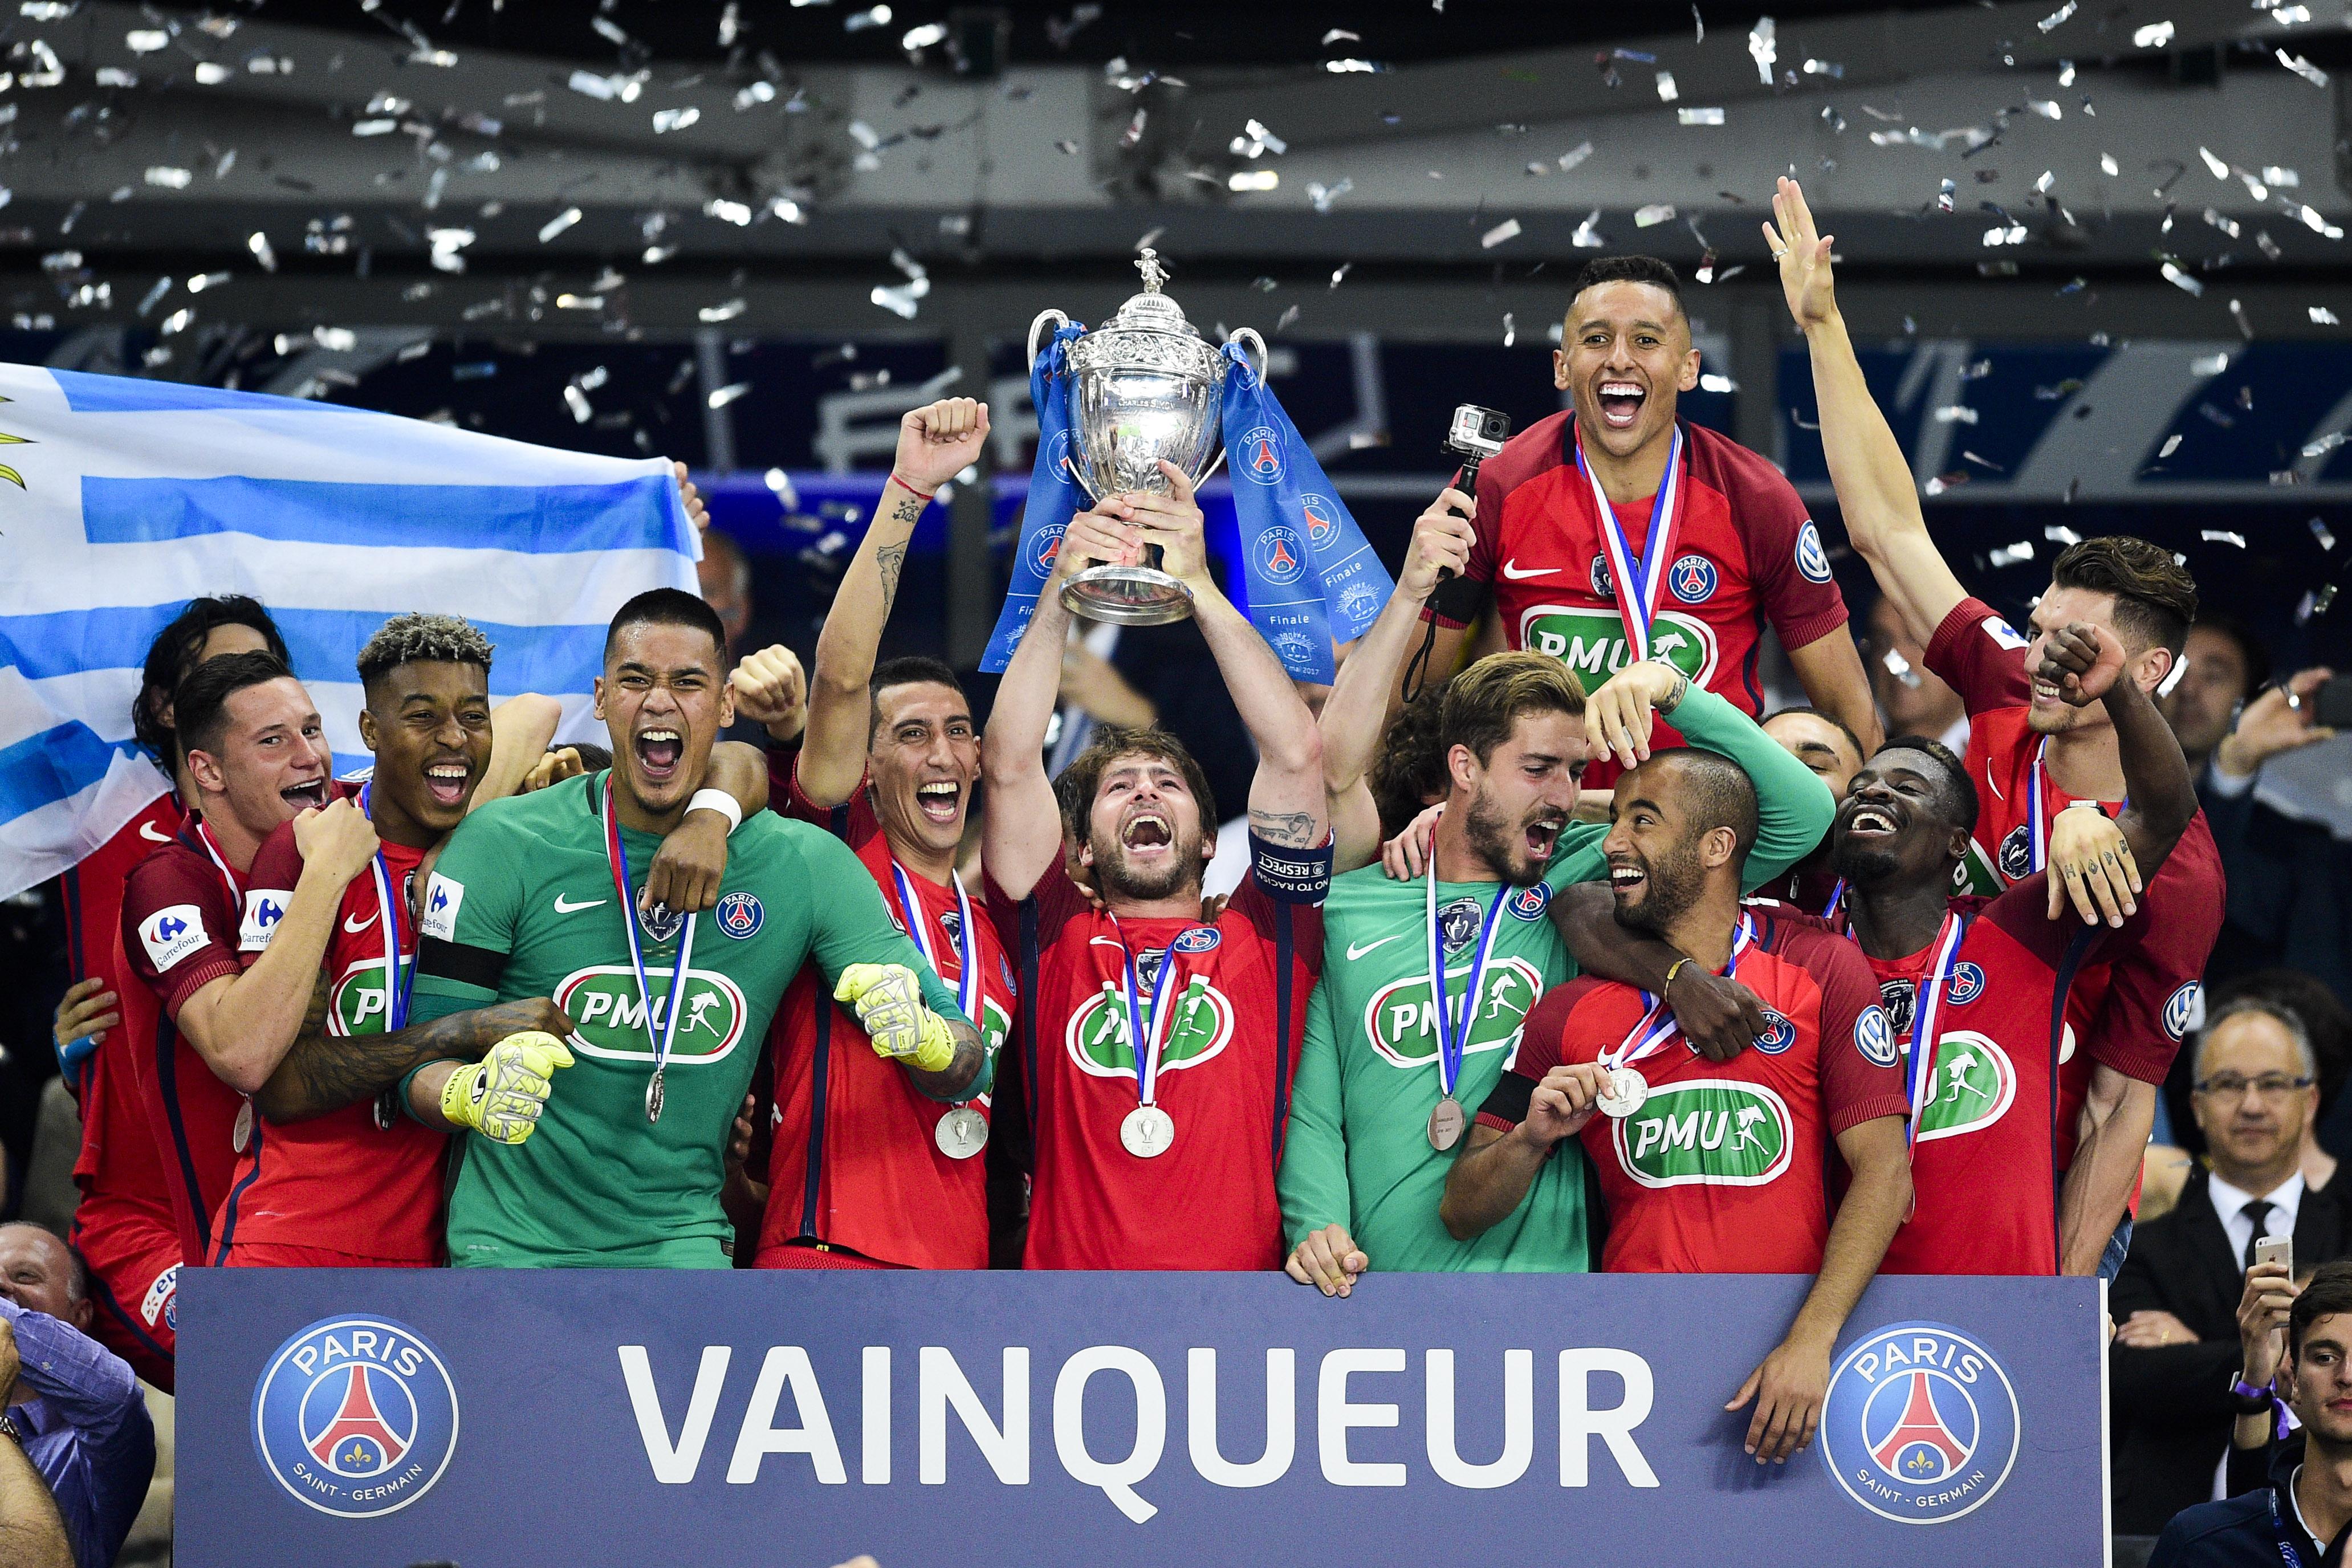 Coupe de france de football - Coupe de france france 3 ...